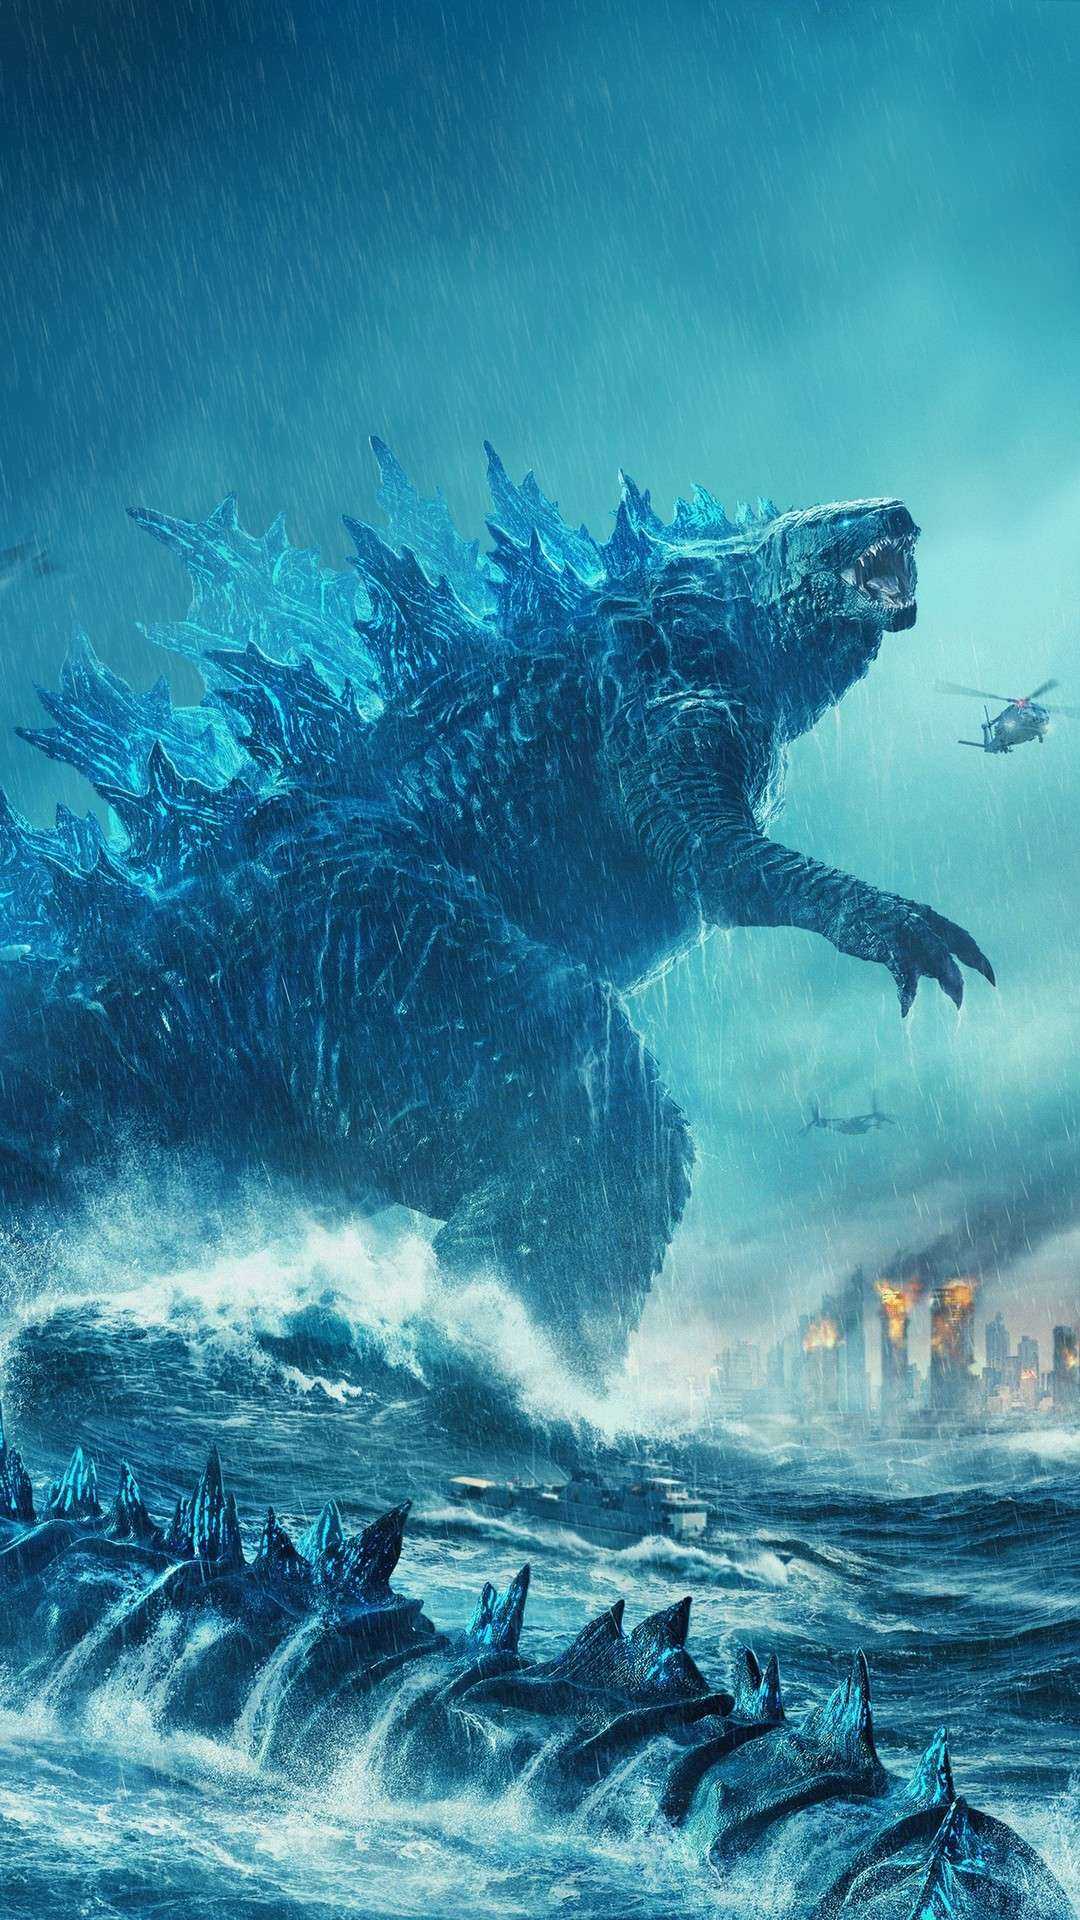 Godzilla Wallpaper Iphone Xr 1080x1920